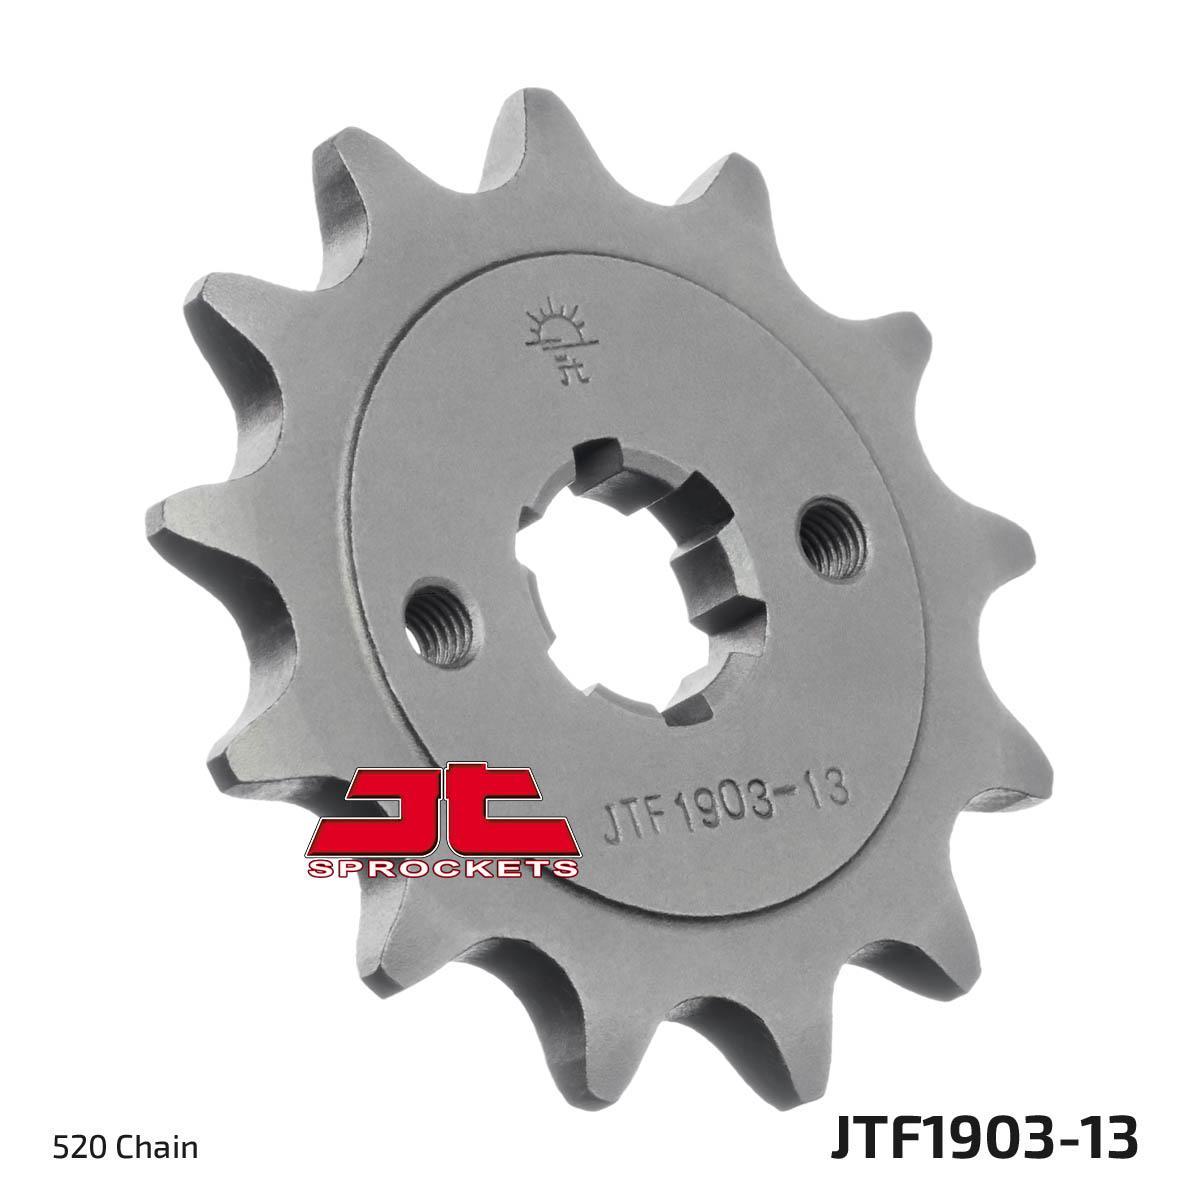 Framdrev JTF1903.13 till rabatterat pris — köp nu!